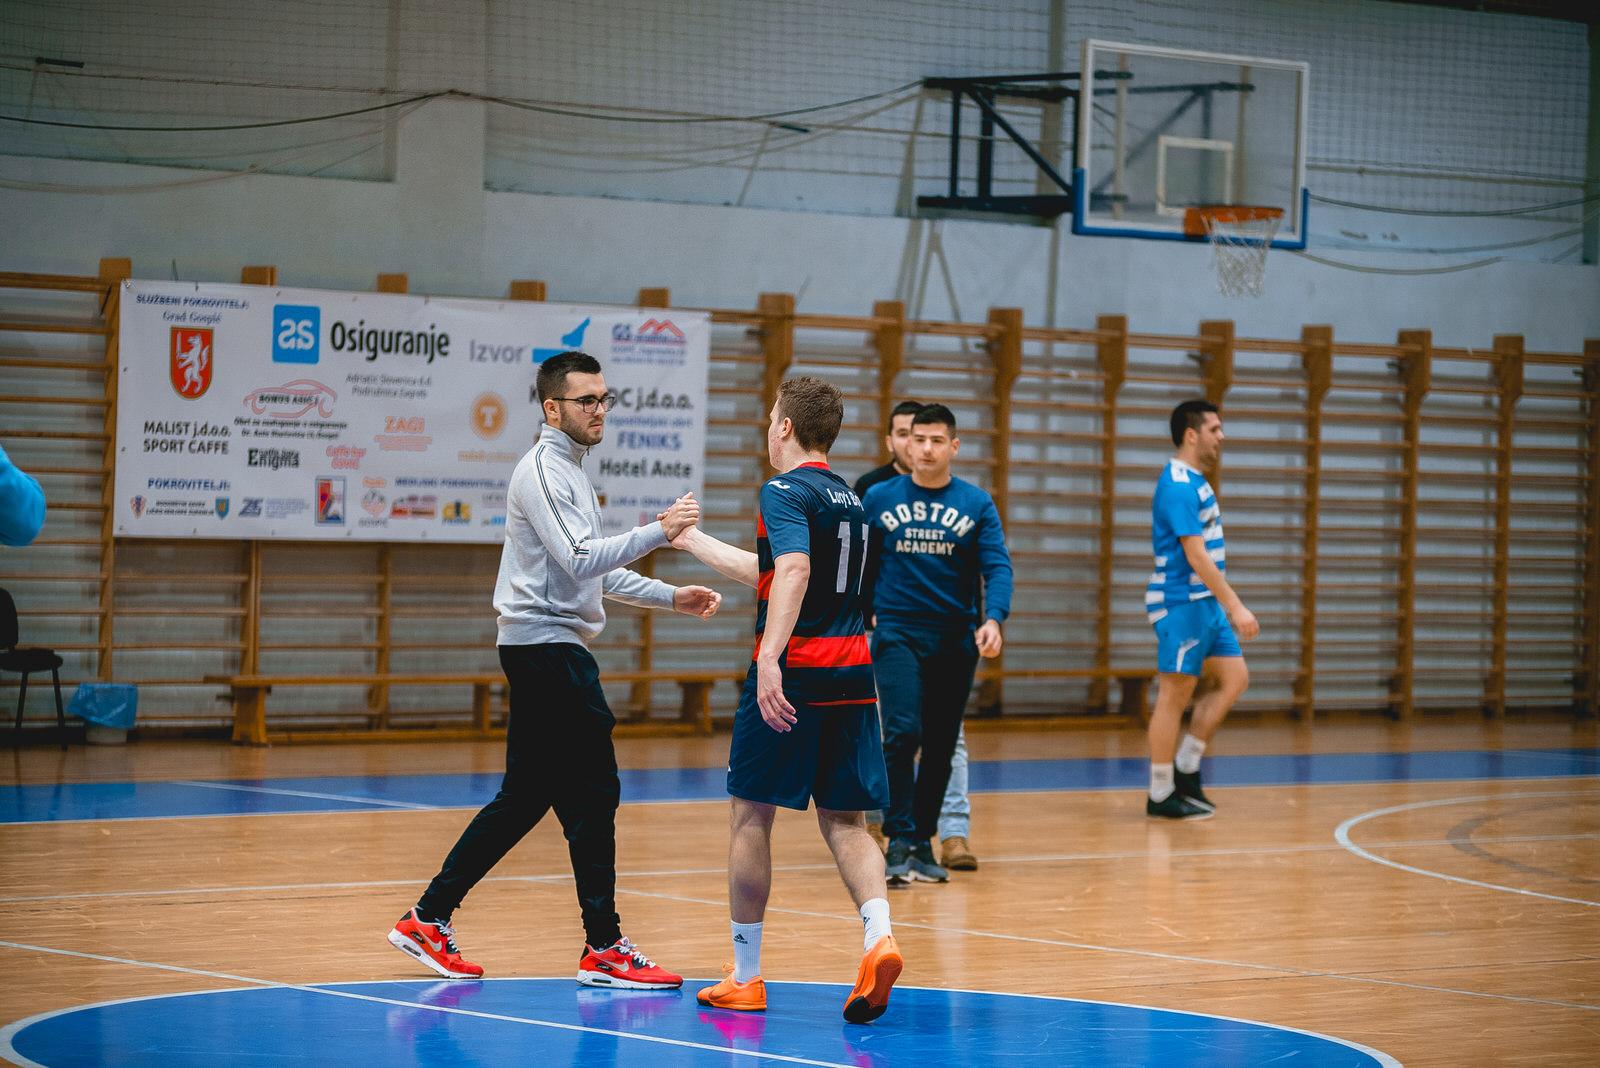 likaclub_gospić_zimski-malonogometni-turnir-2018-19-43